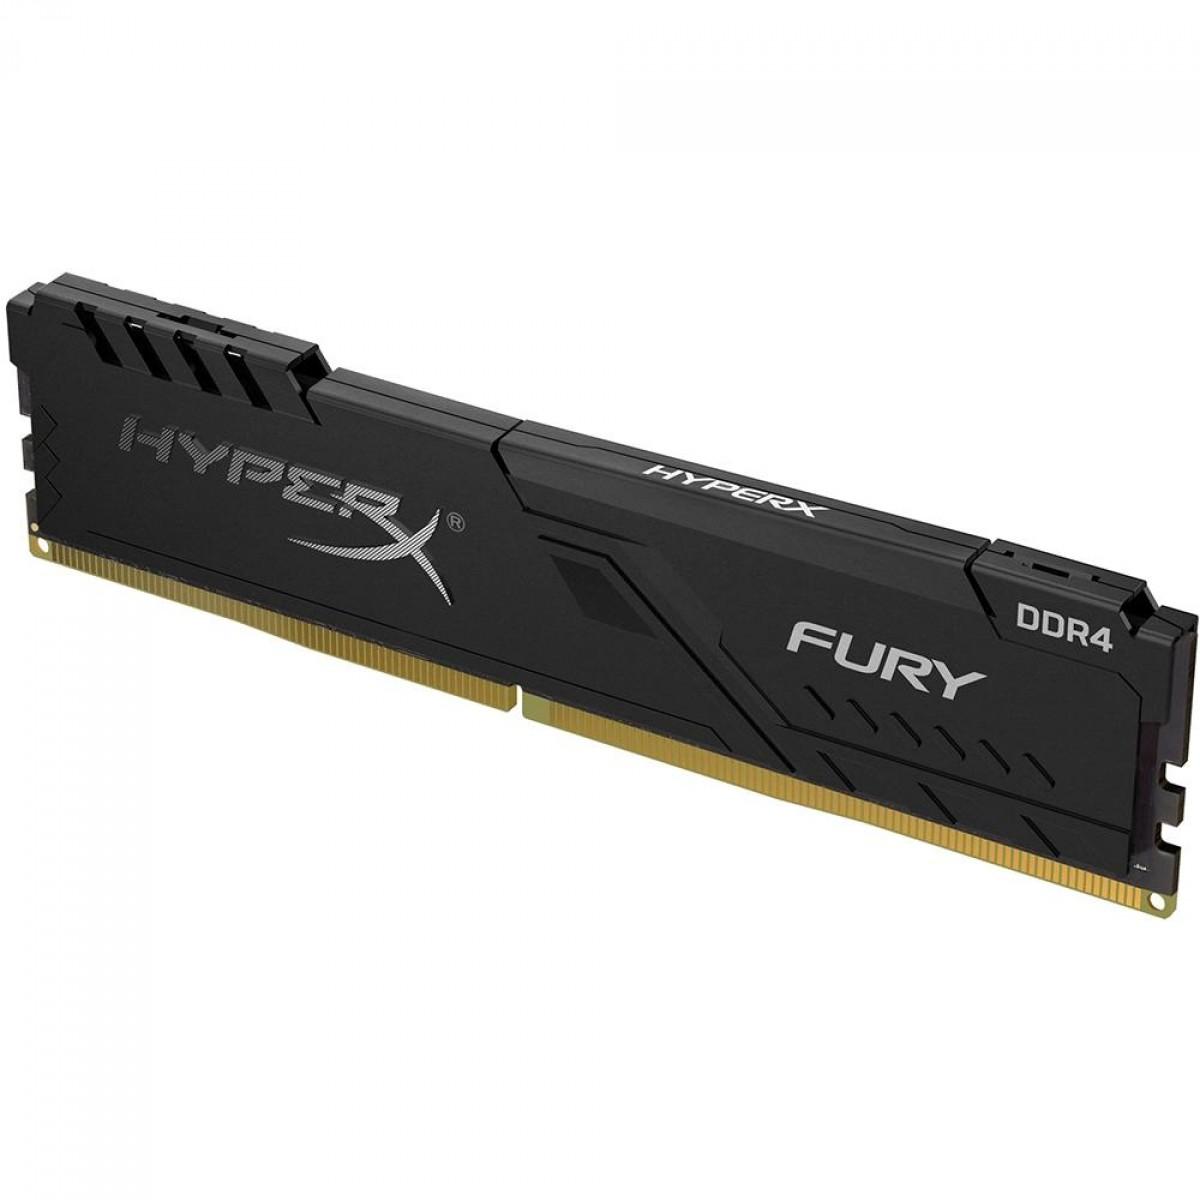 Memória DDR4 HyperX Fury, 8GB, 2400MHz, Black, HX424C15FB3/8